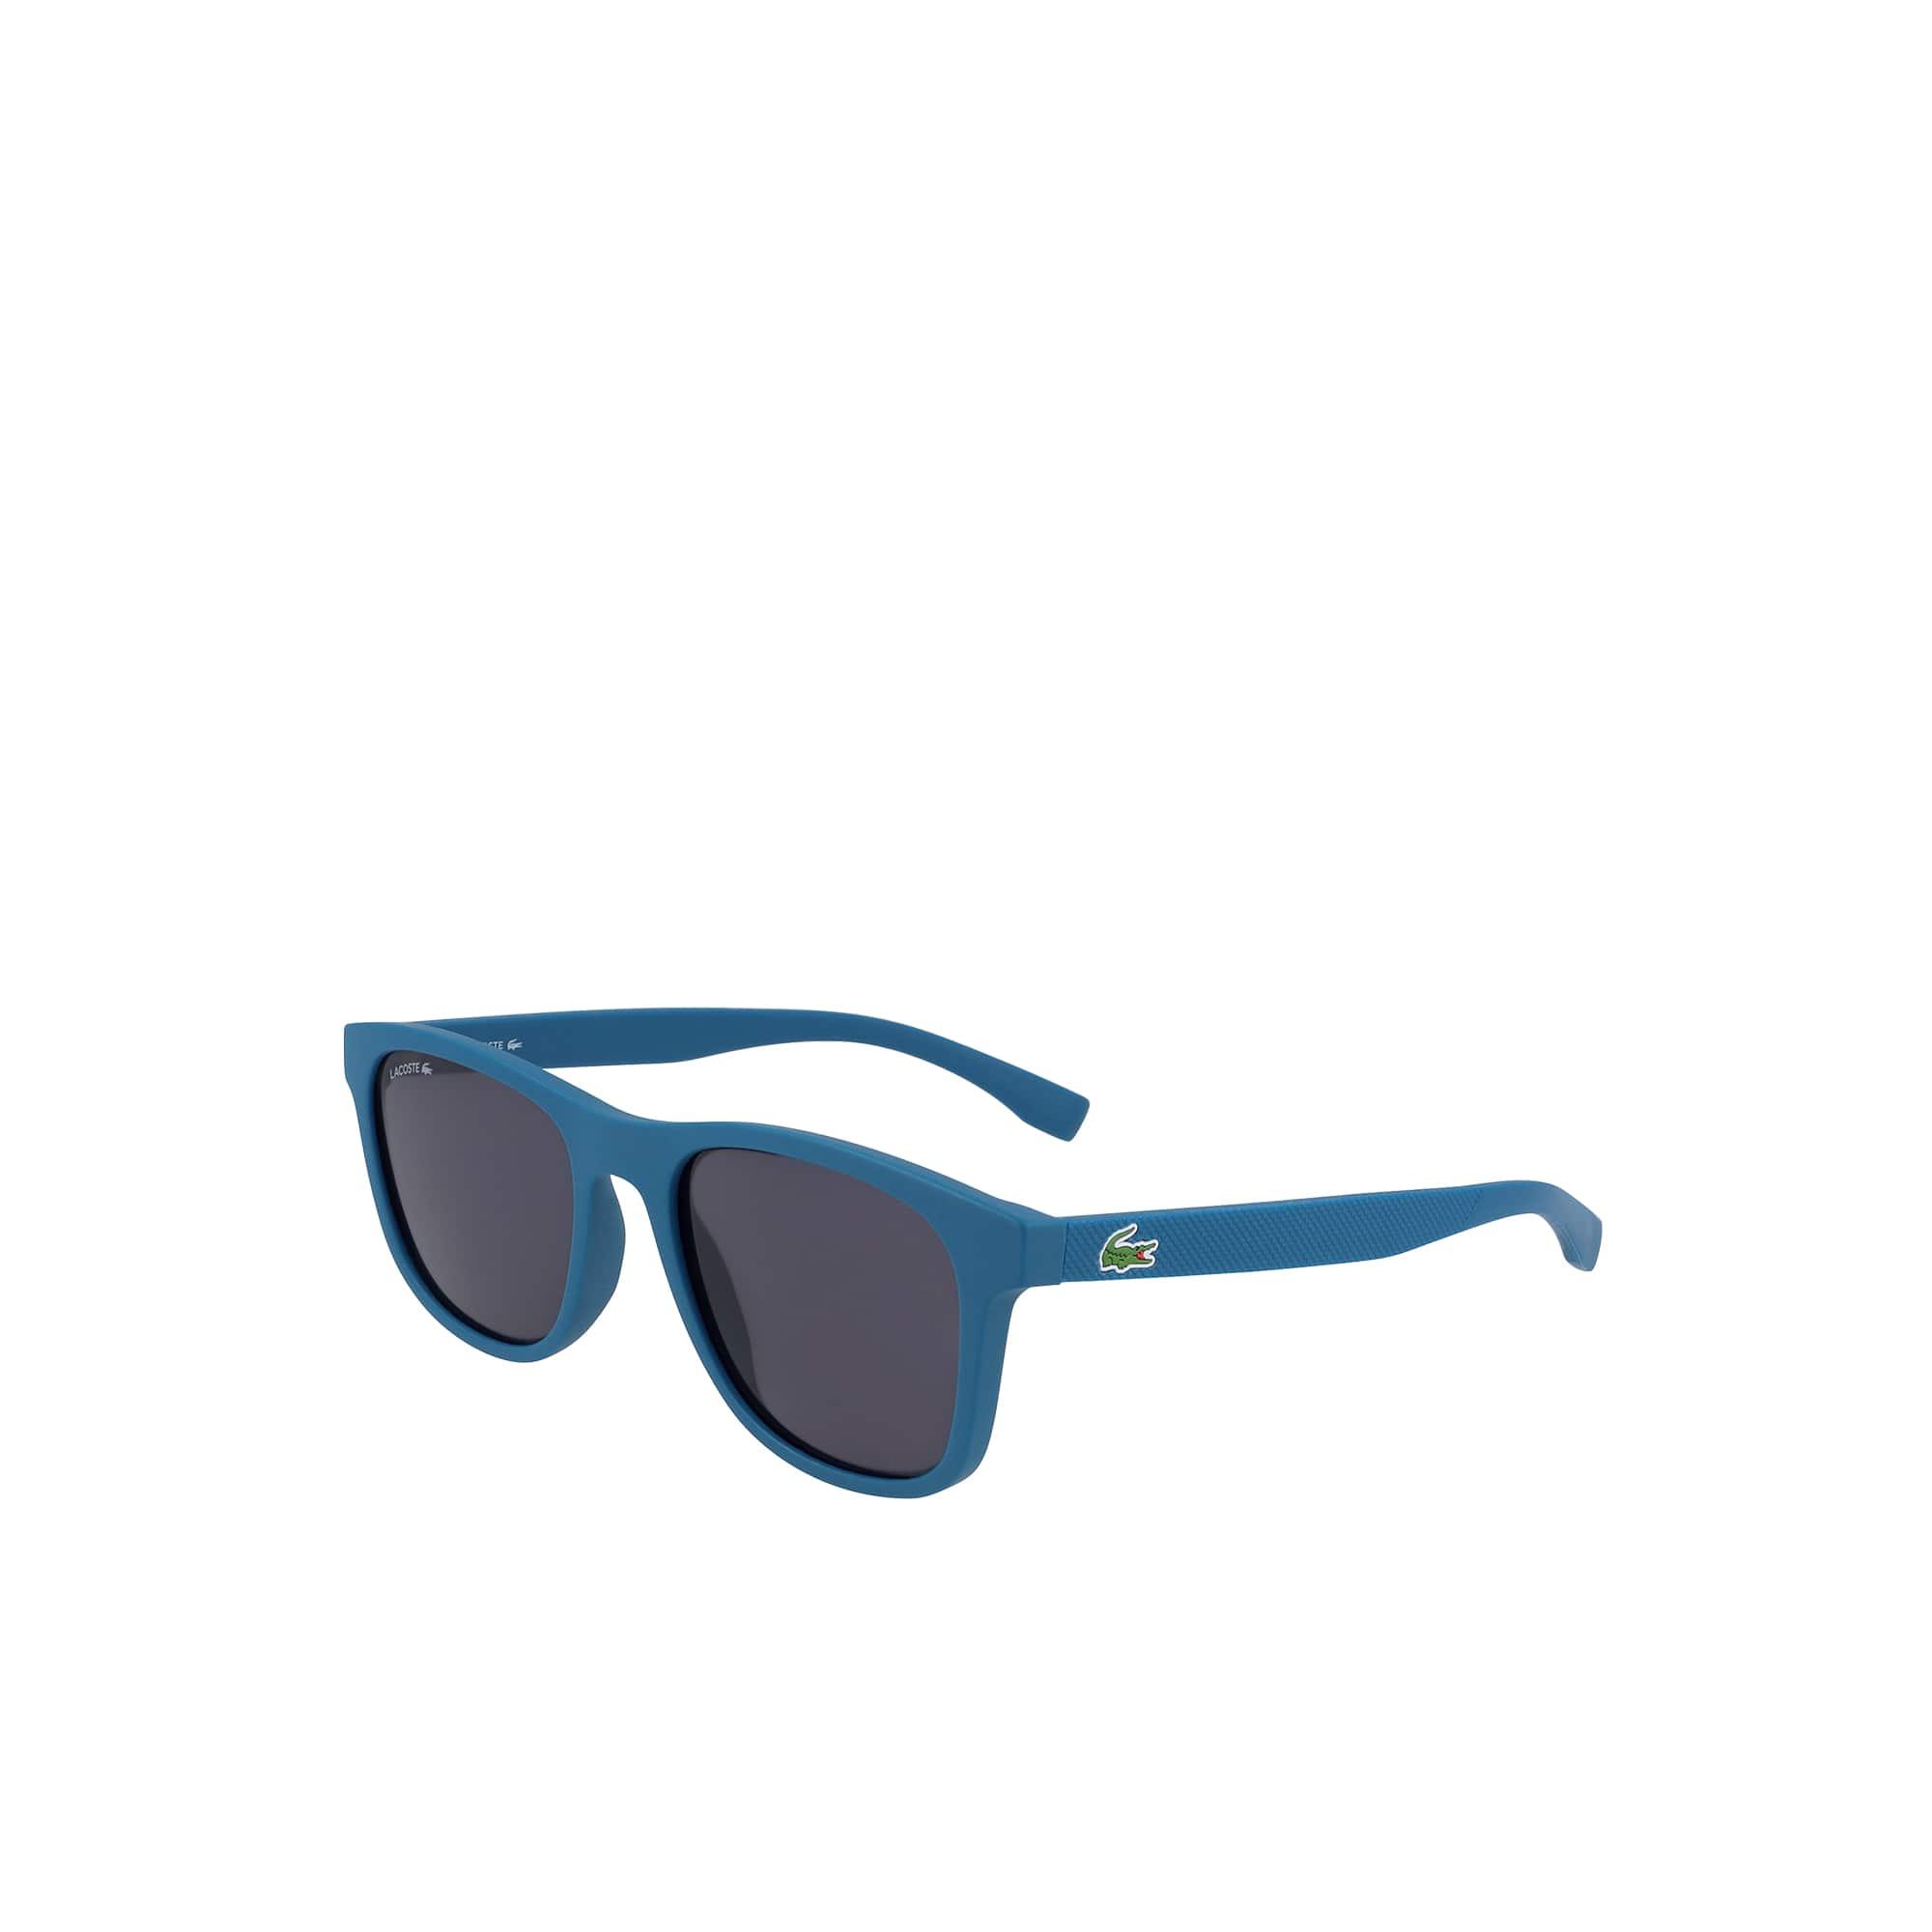 e5bf2e82fd Todas las gafas de sol | Complementos | LACOSTE